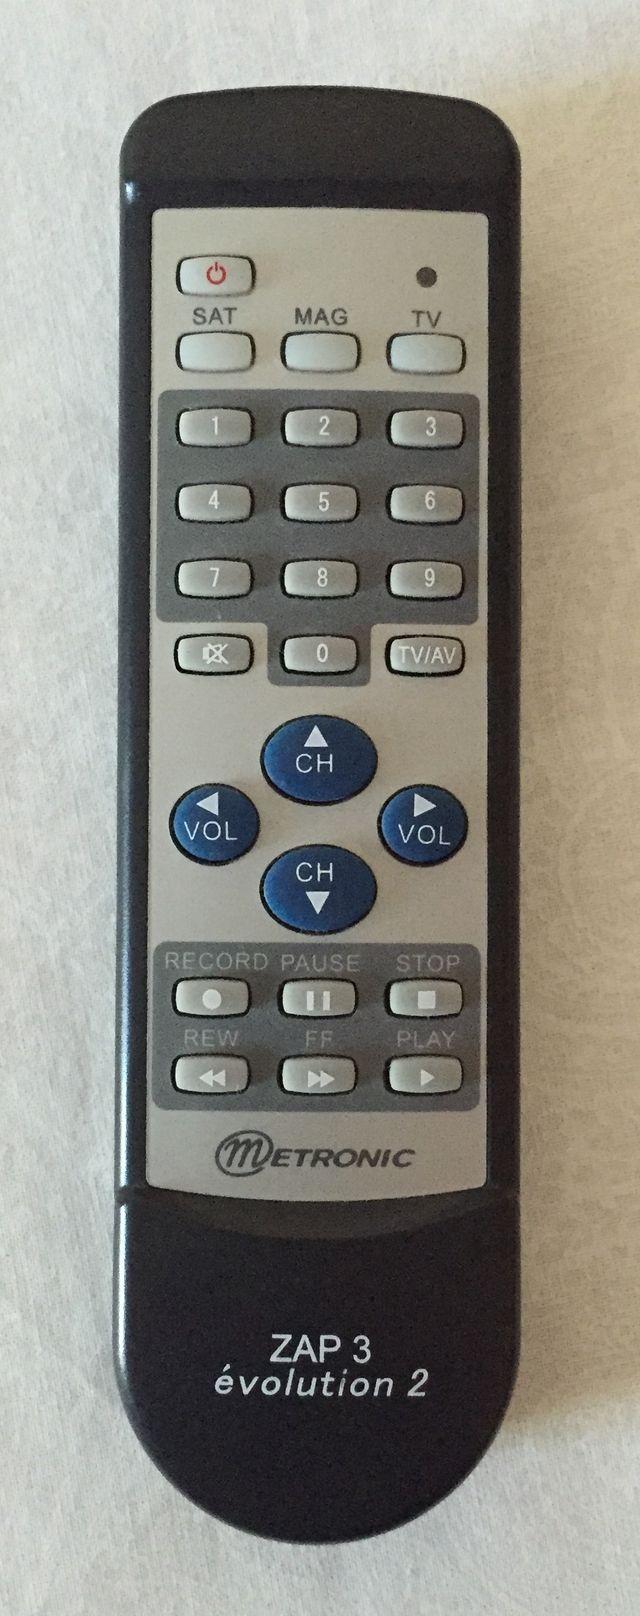 télécommande universelle 3 en 1 ZAP 3 evolution 2